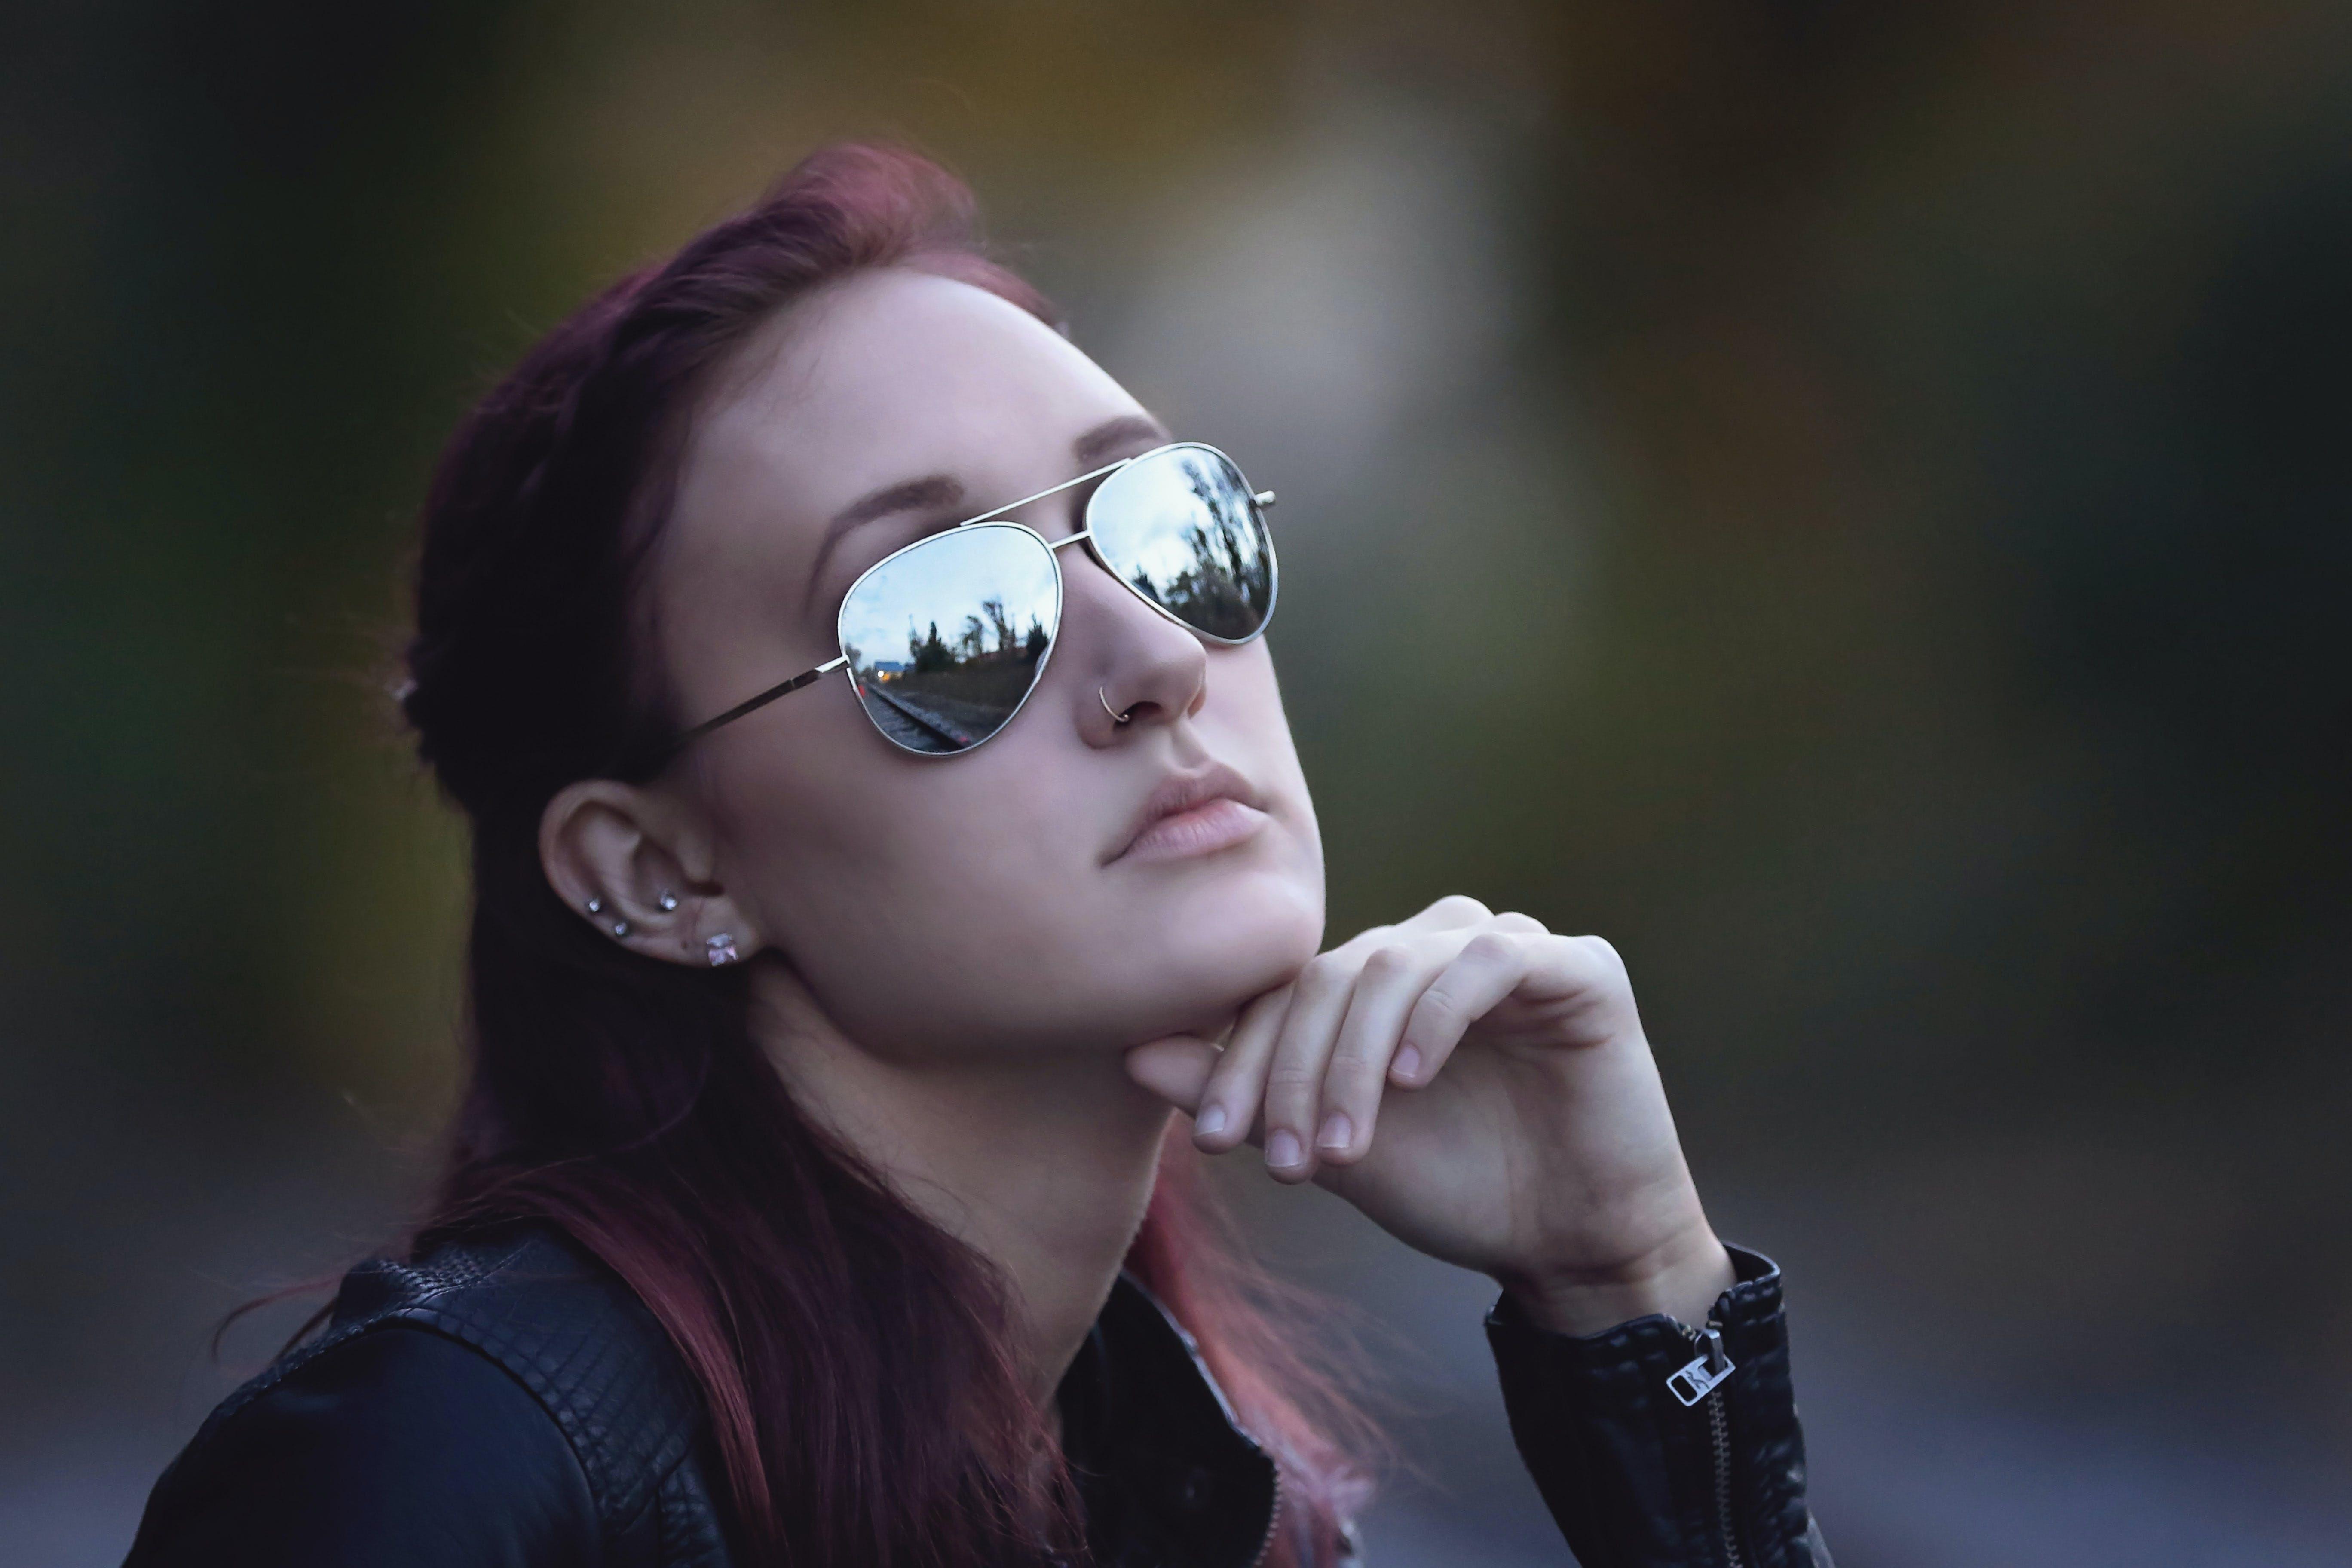 Closeup Photo Woman Sitting Wearing Sunglasses